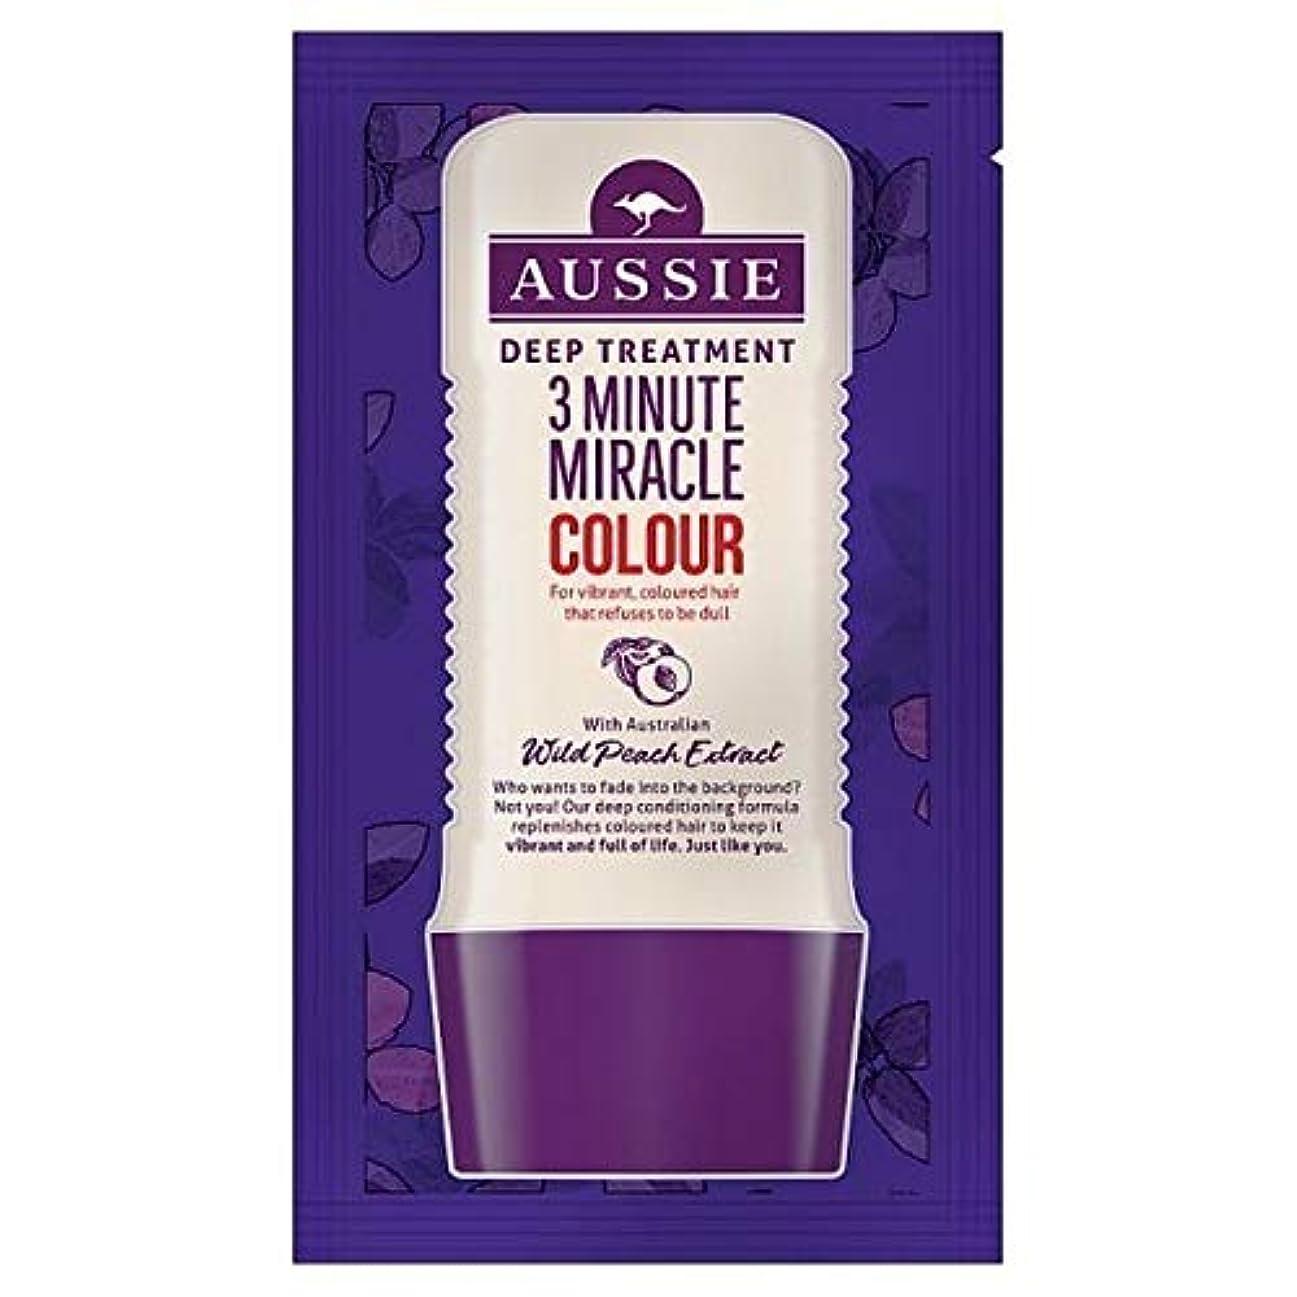 スキャン温度計スタッフ[Aussie ] オーストラリアの深い治療3分の奇跡カラー20ミリリットル - Aussie Deep Treatment 3 Minute Miracle Colour 20ml [並行輸入品]